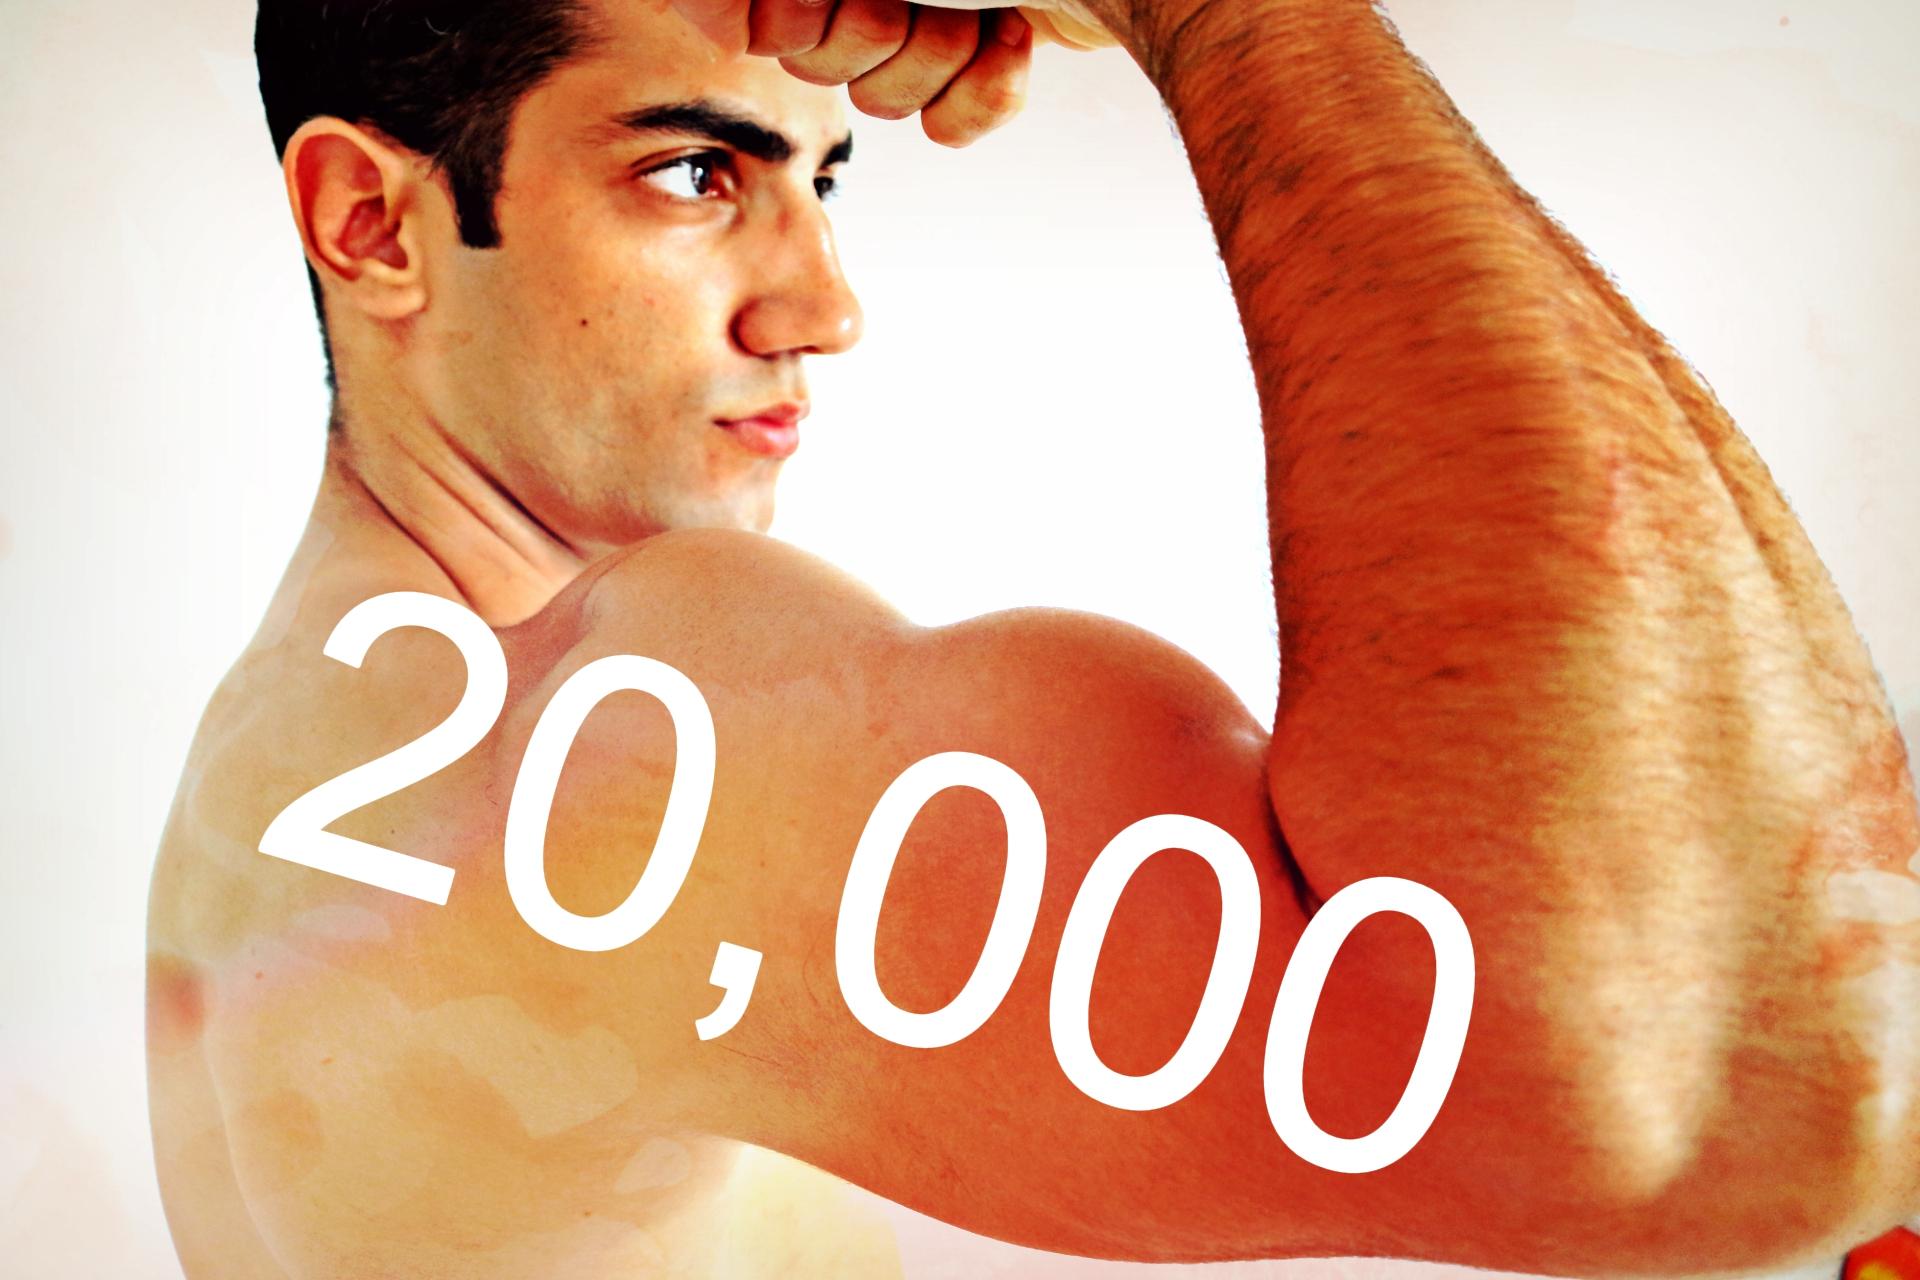 20,000 עוקבים ביוטיוב ואתה מקבל ממני מתנה (מיוחד)